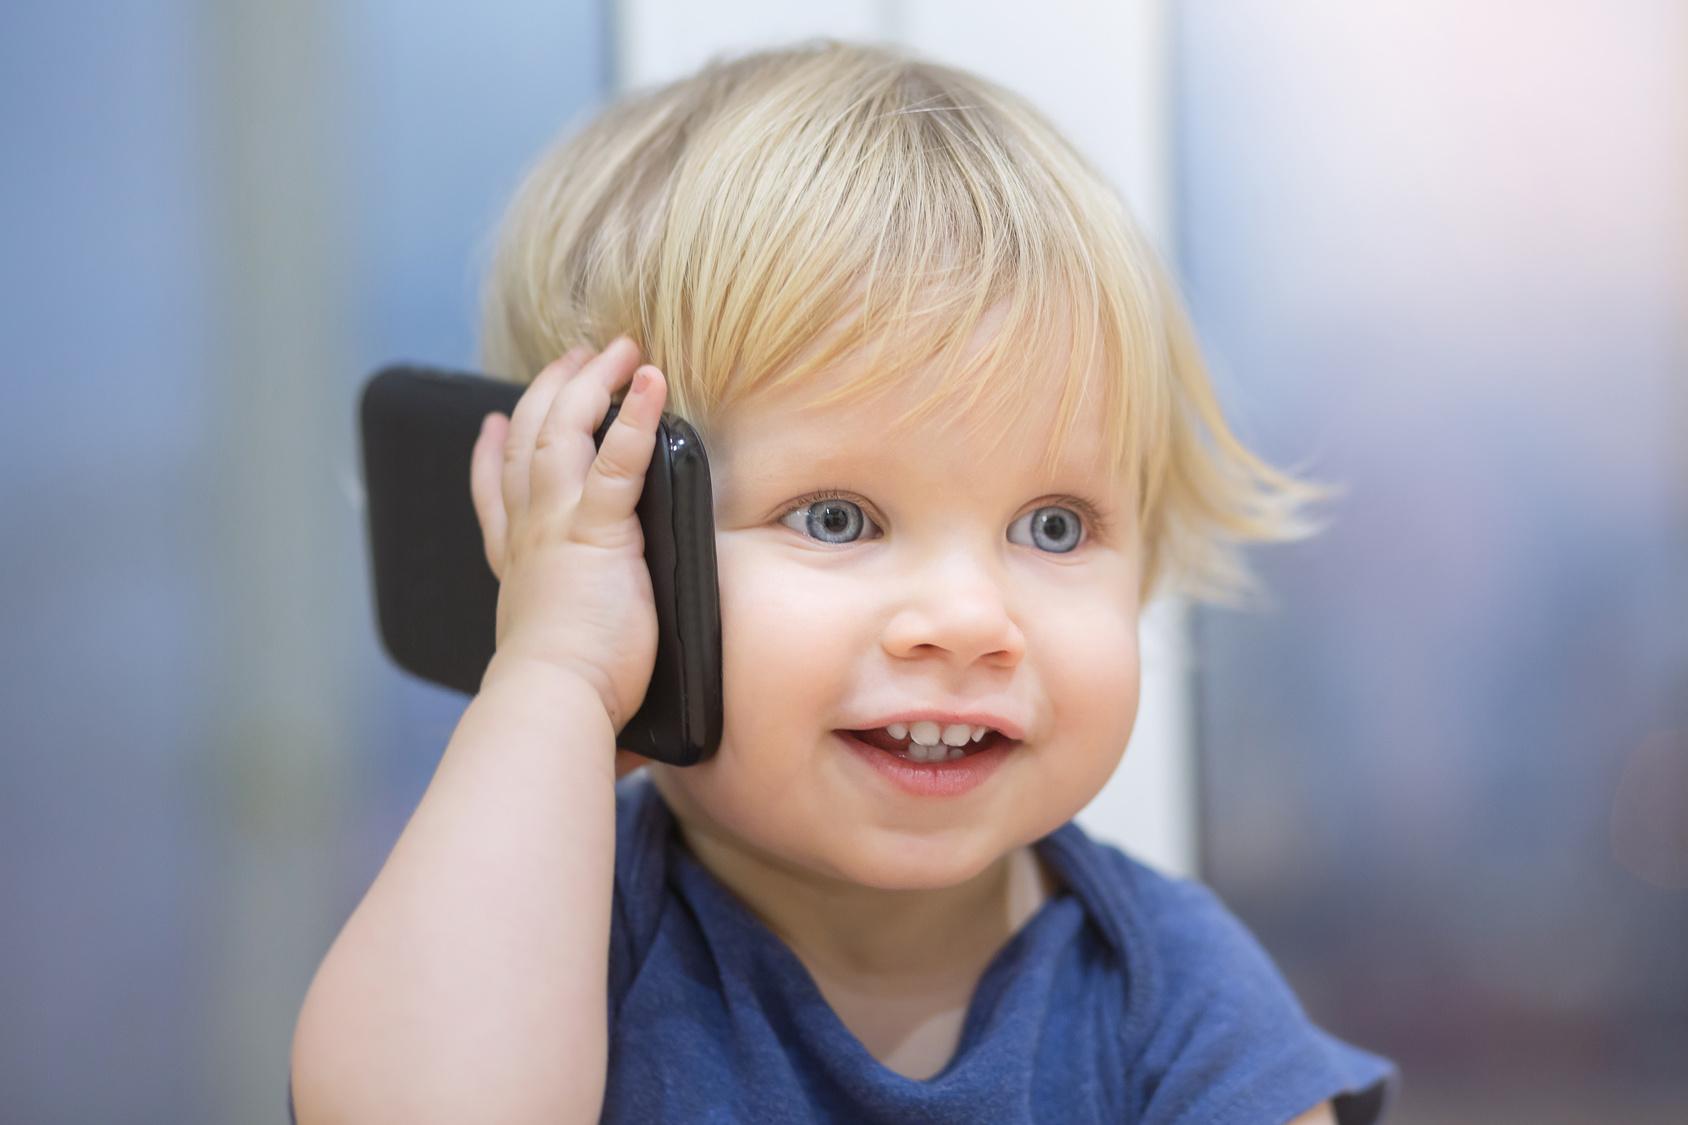 dajesz-dziecku-telefon-do-zabawy-numery-premium